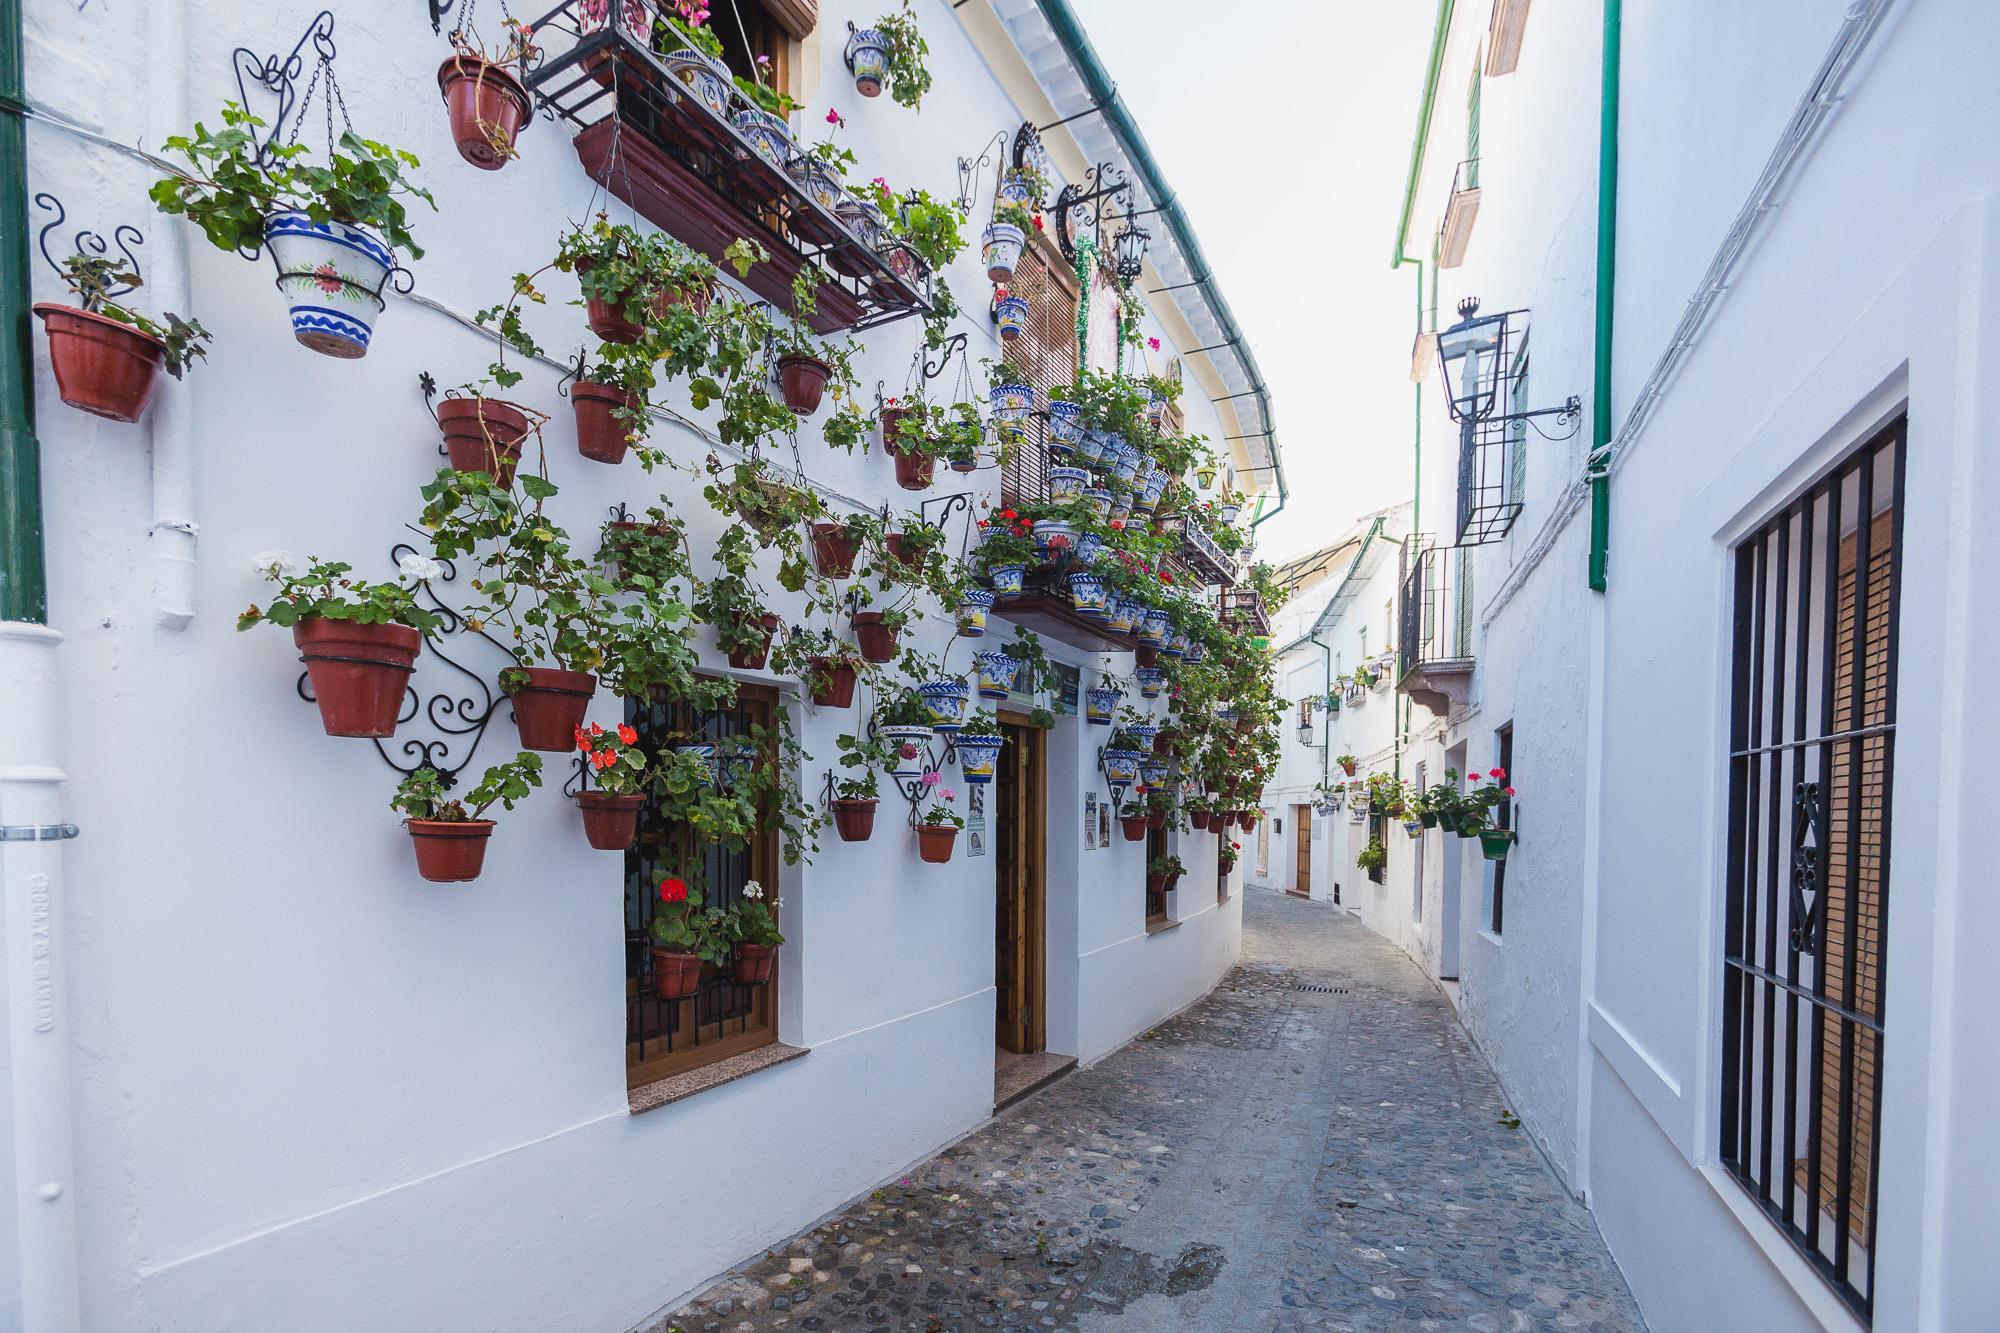 La tradición tan extendida por toda Andalucía y especialmente por Córdoba también está presente en las calles prieguenses.